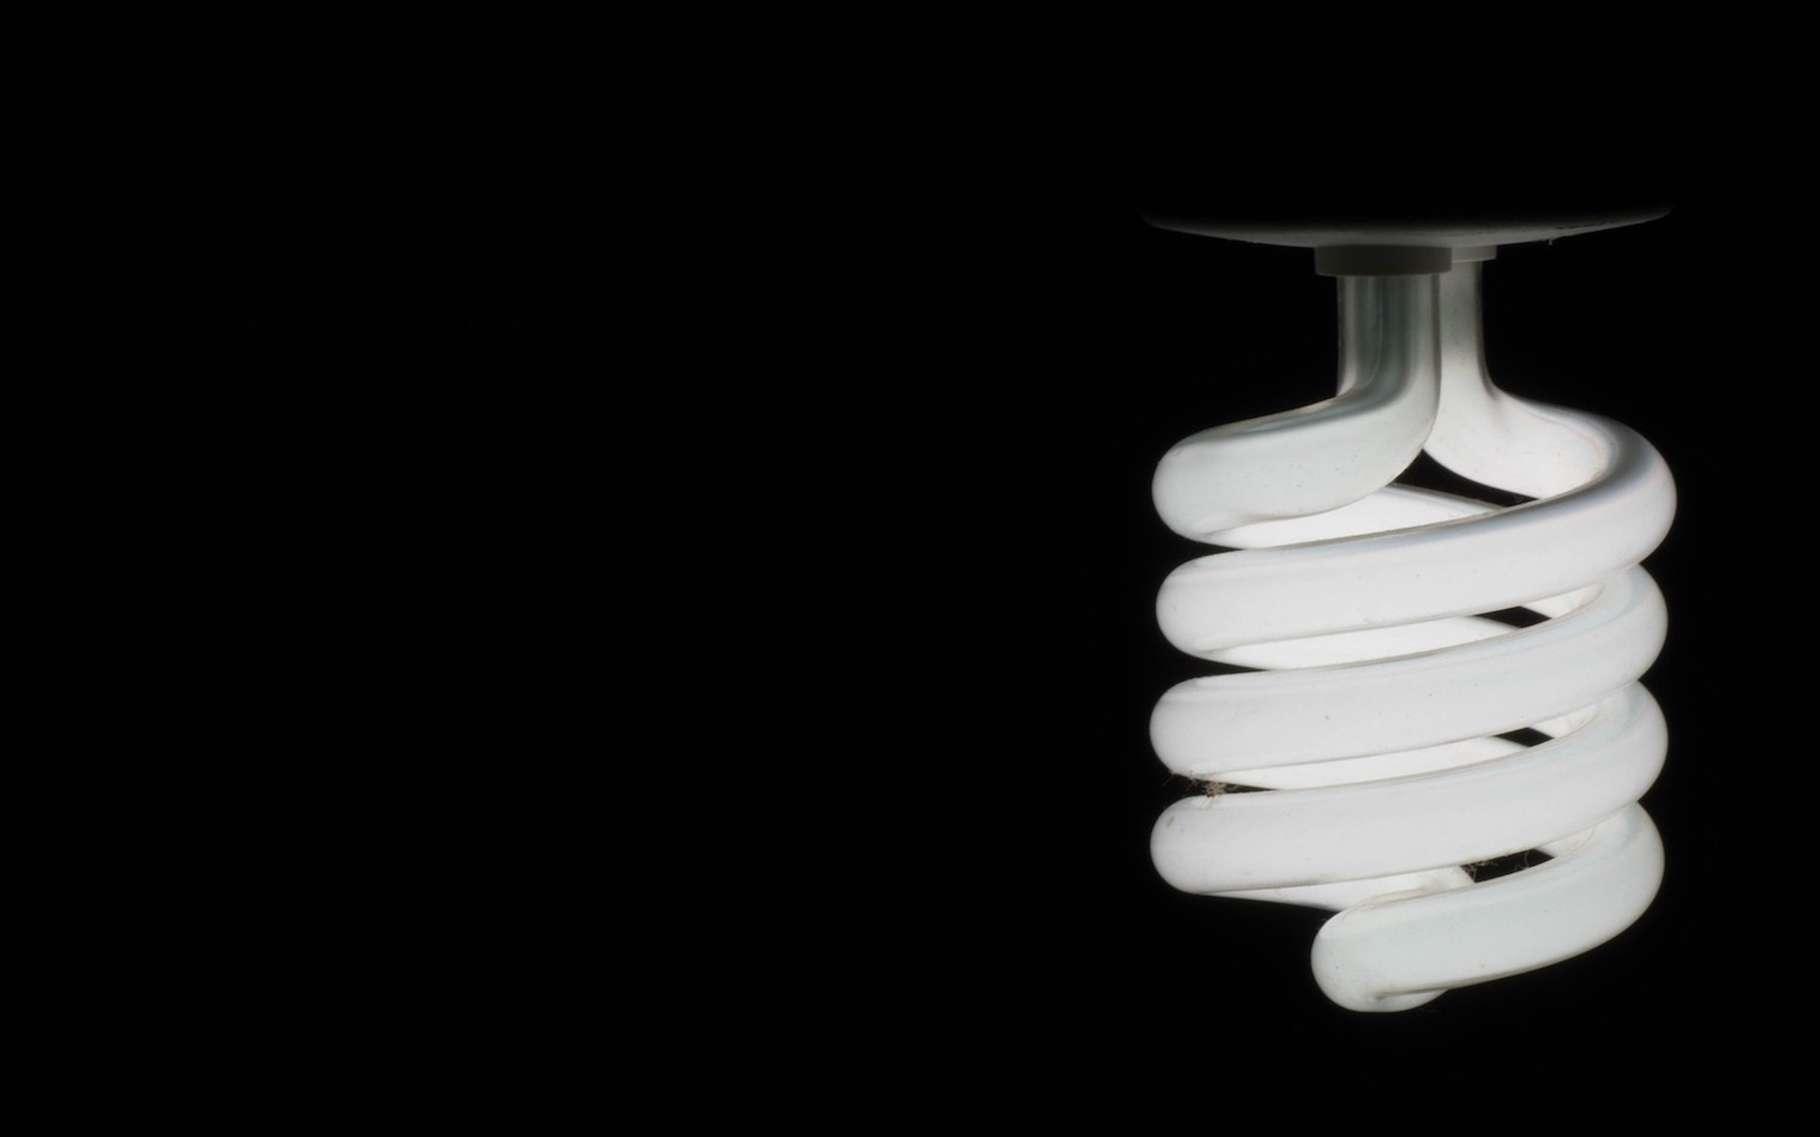 La fluorescence est un phénomène de photoluminescence qui peut être utilisé dans des applications d'éclairage. © suvajit, Pixabay, DP